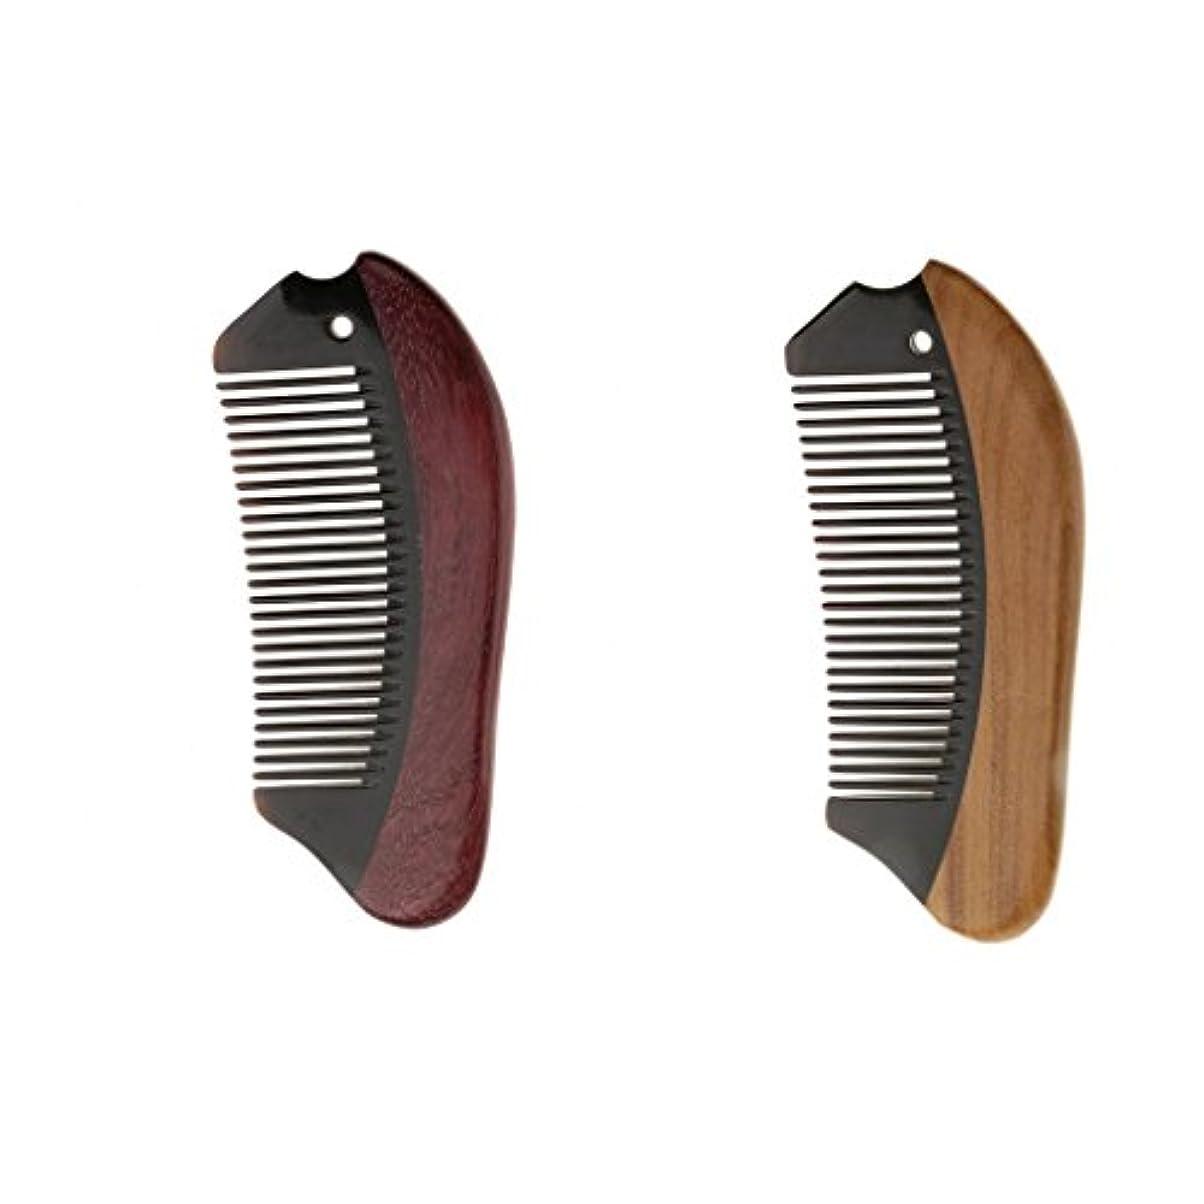 必要ない昇進ヘクタール2個 木製 櫛 コーム ヘアダイコーム ブラシ 静電気防止 マッサージ 滑らか 快適